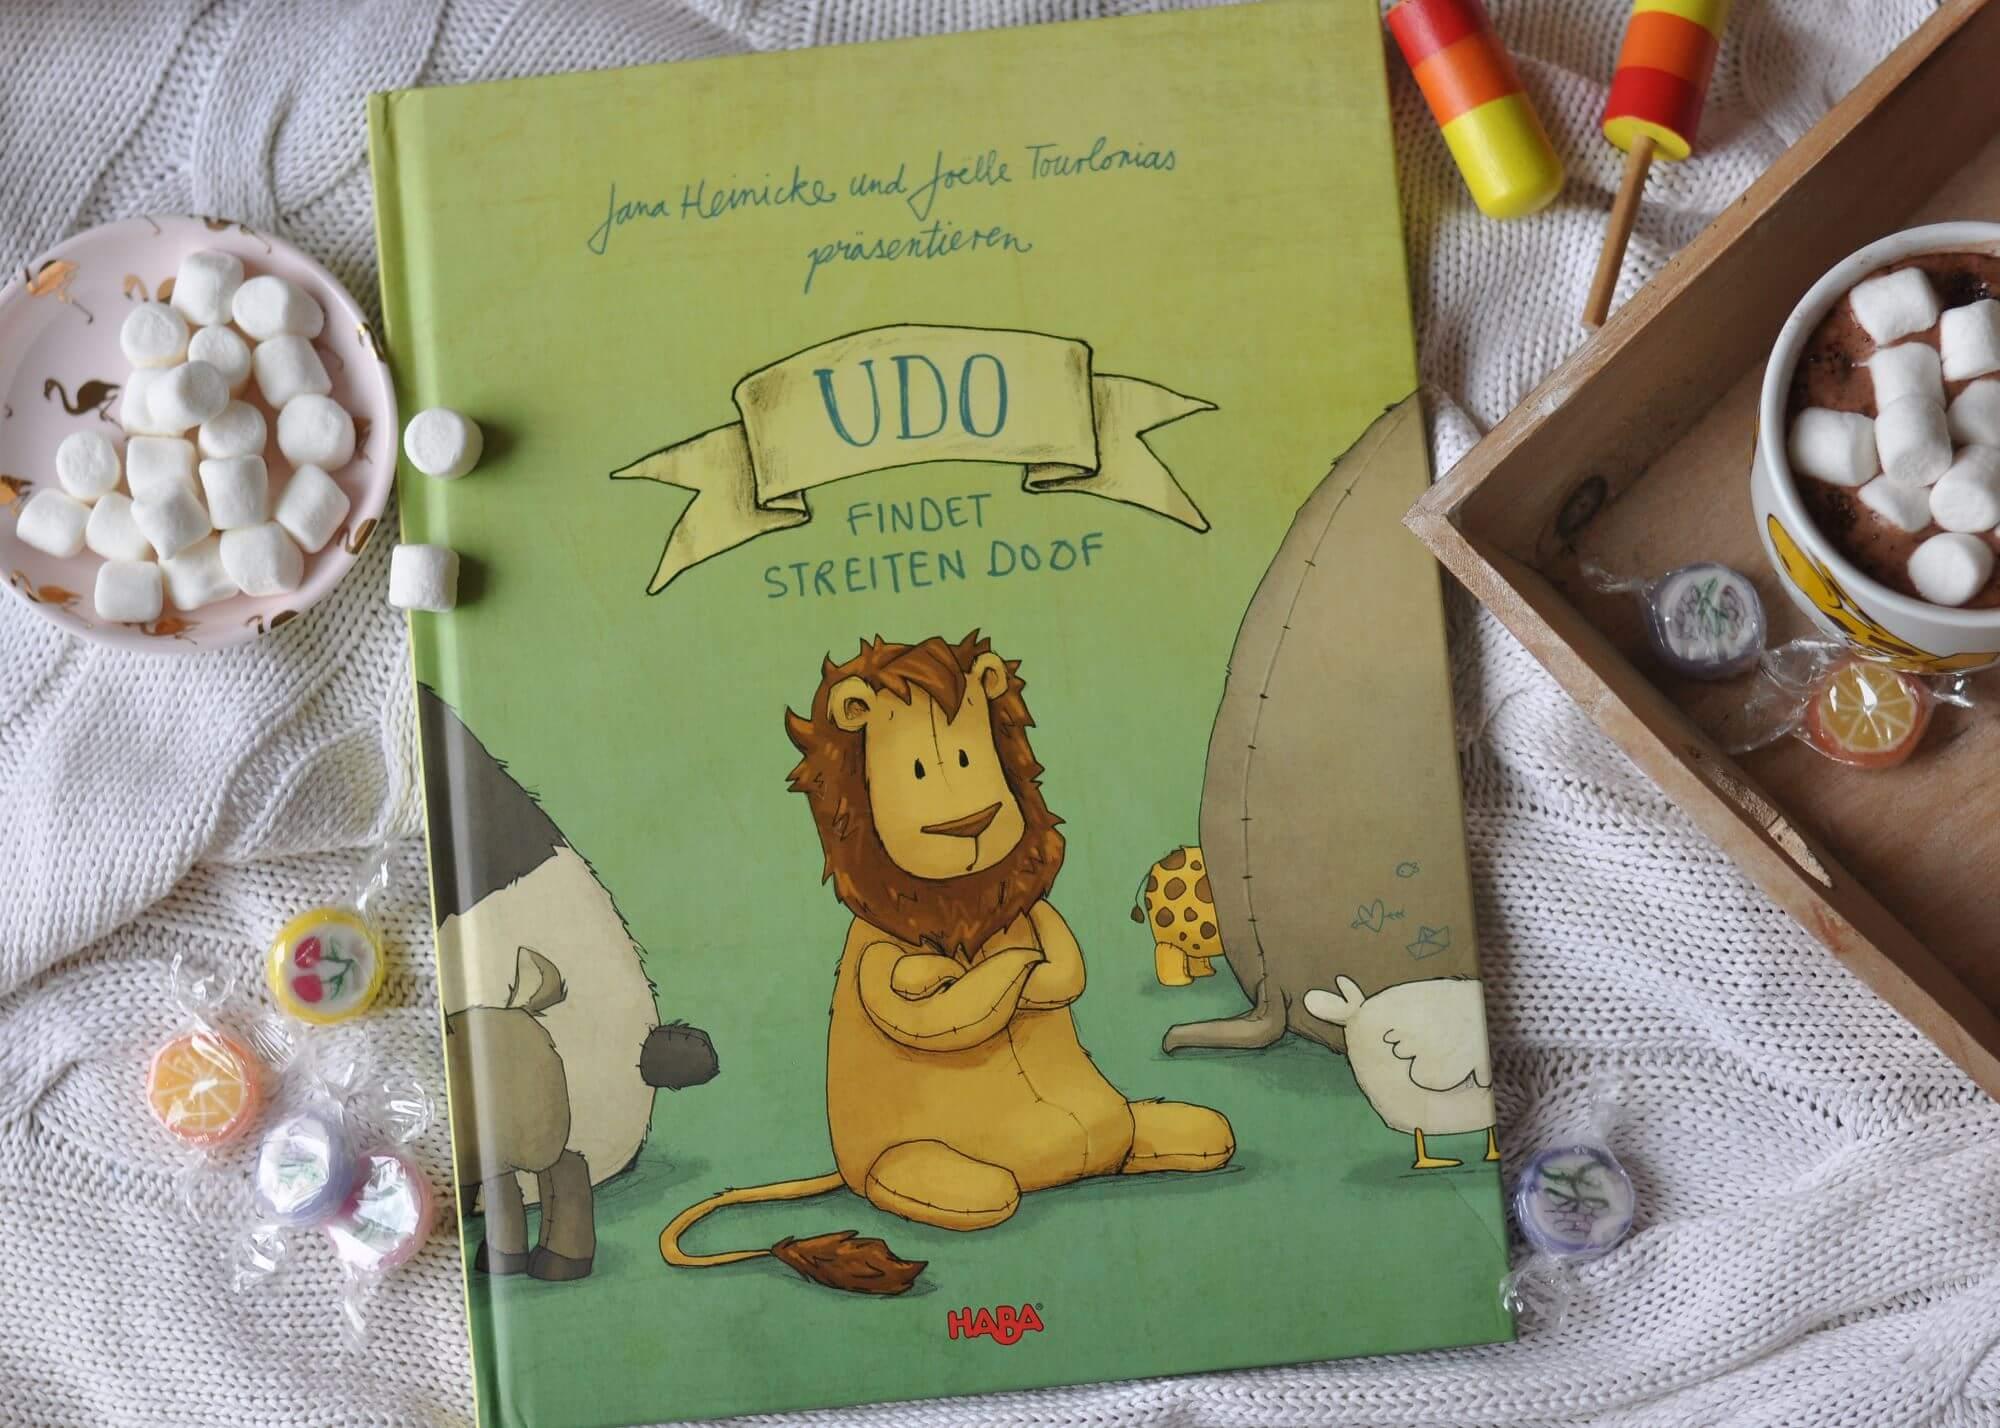 Udo lebt zusammen mit seinen Freunden, doch in letzter Zeit gibt es mehr Streit als Harmonie. Dabei sollte man sich doch so mögen, wie man ist. Ein tolles Kinderbuch über Streiten und Versöhnen #kinderbuch #bilderbuch #streiten #lesen #vorlesen #löwe #geschwister